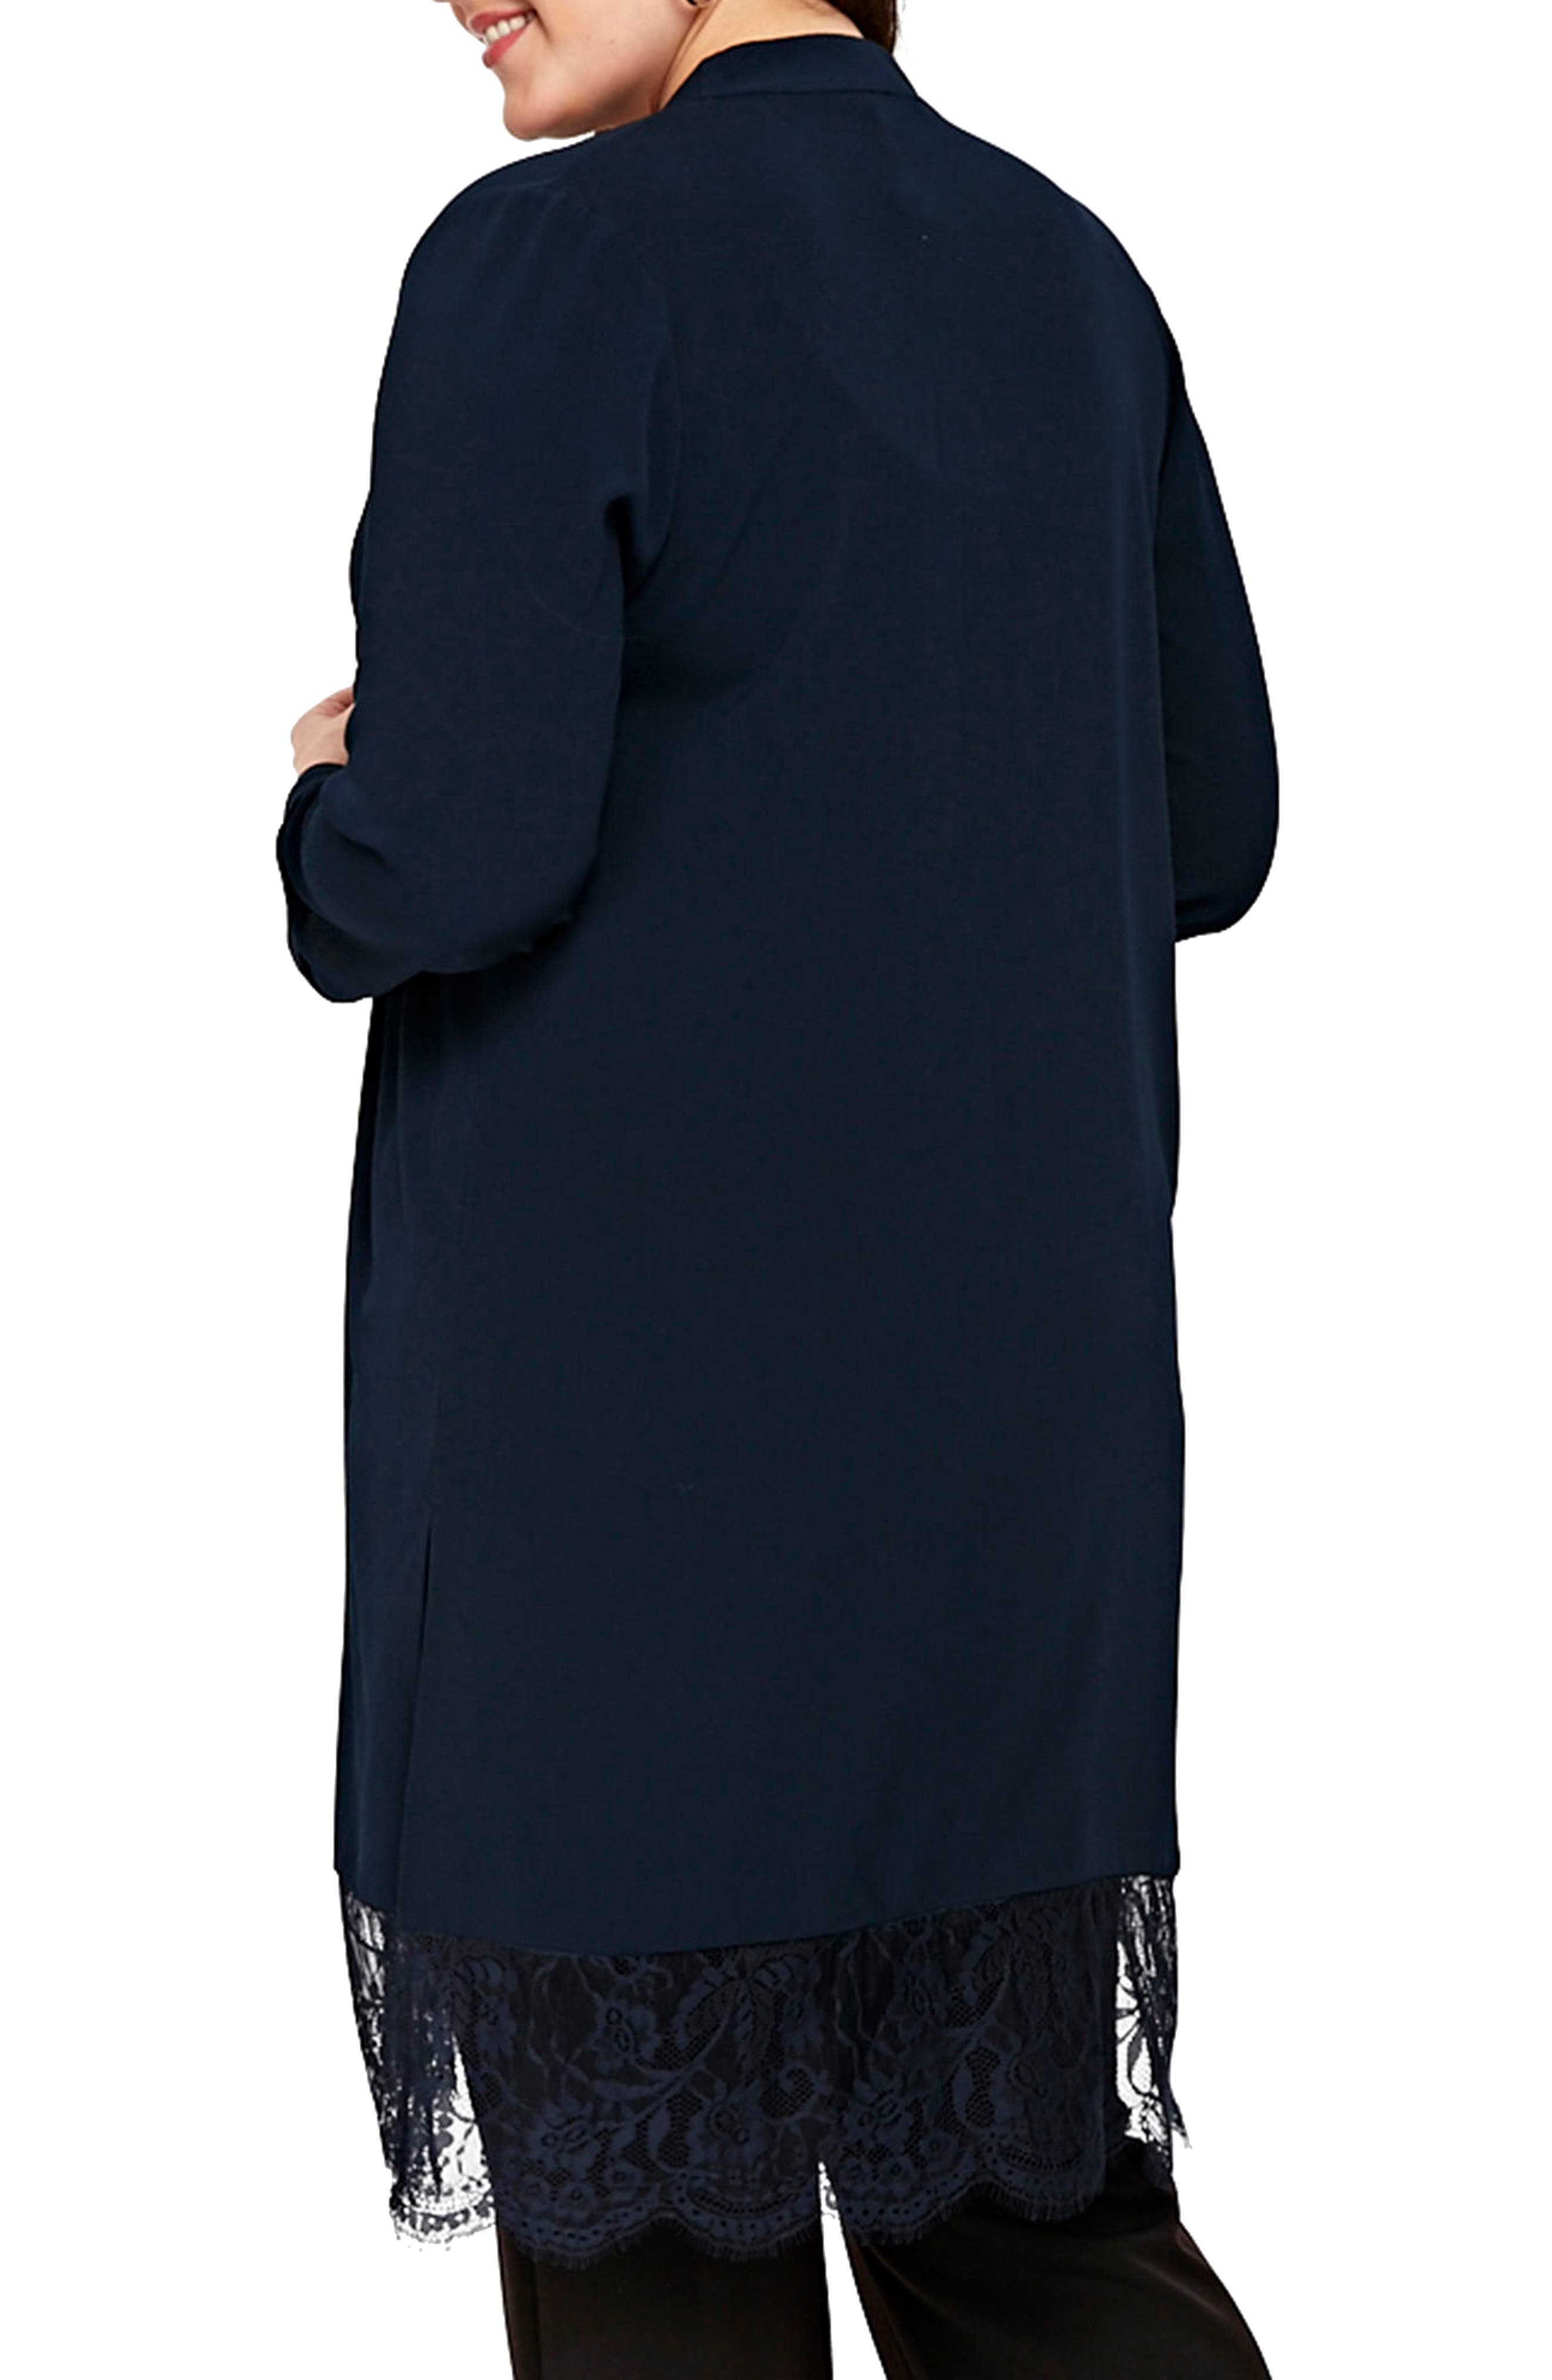 Lace Trim Kimono Jacket,                             Alternate thumbnail 2, color,                             400